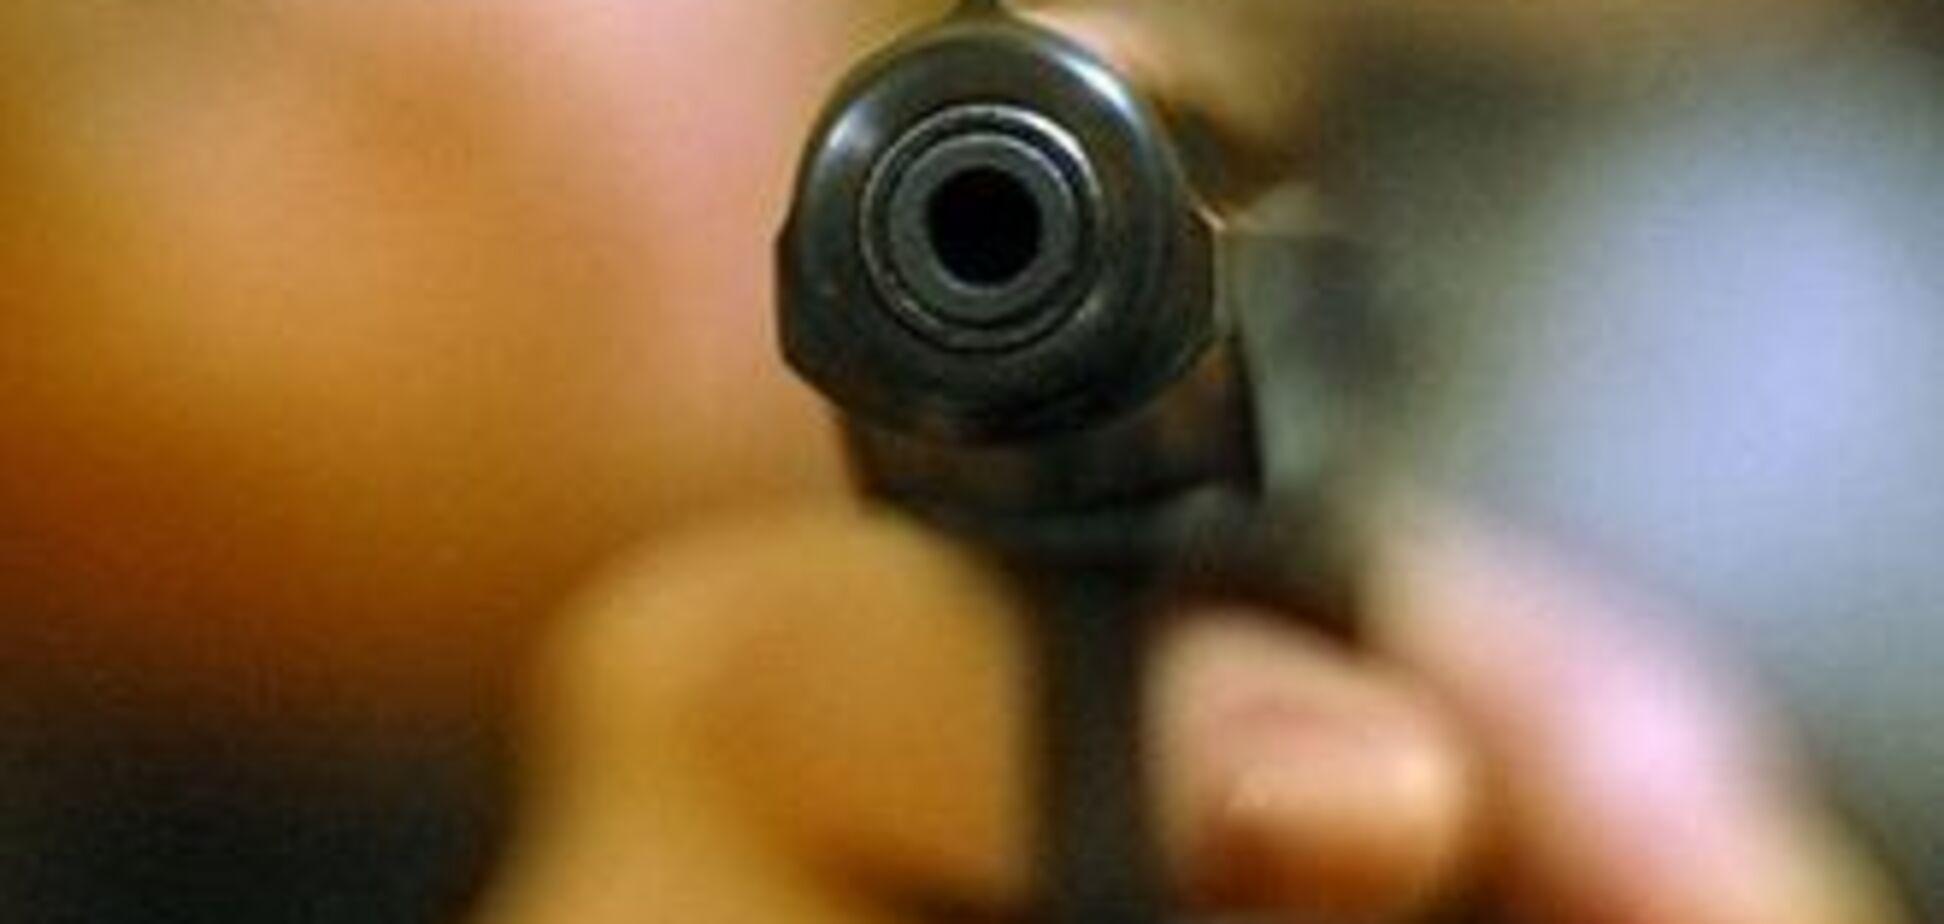 Грабіжникові не вдалося прикритися заручницею від поліції